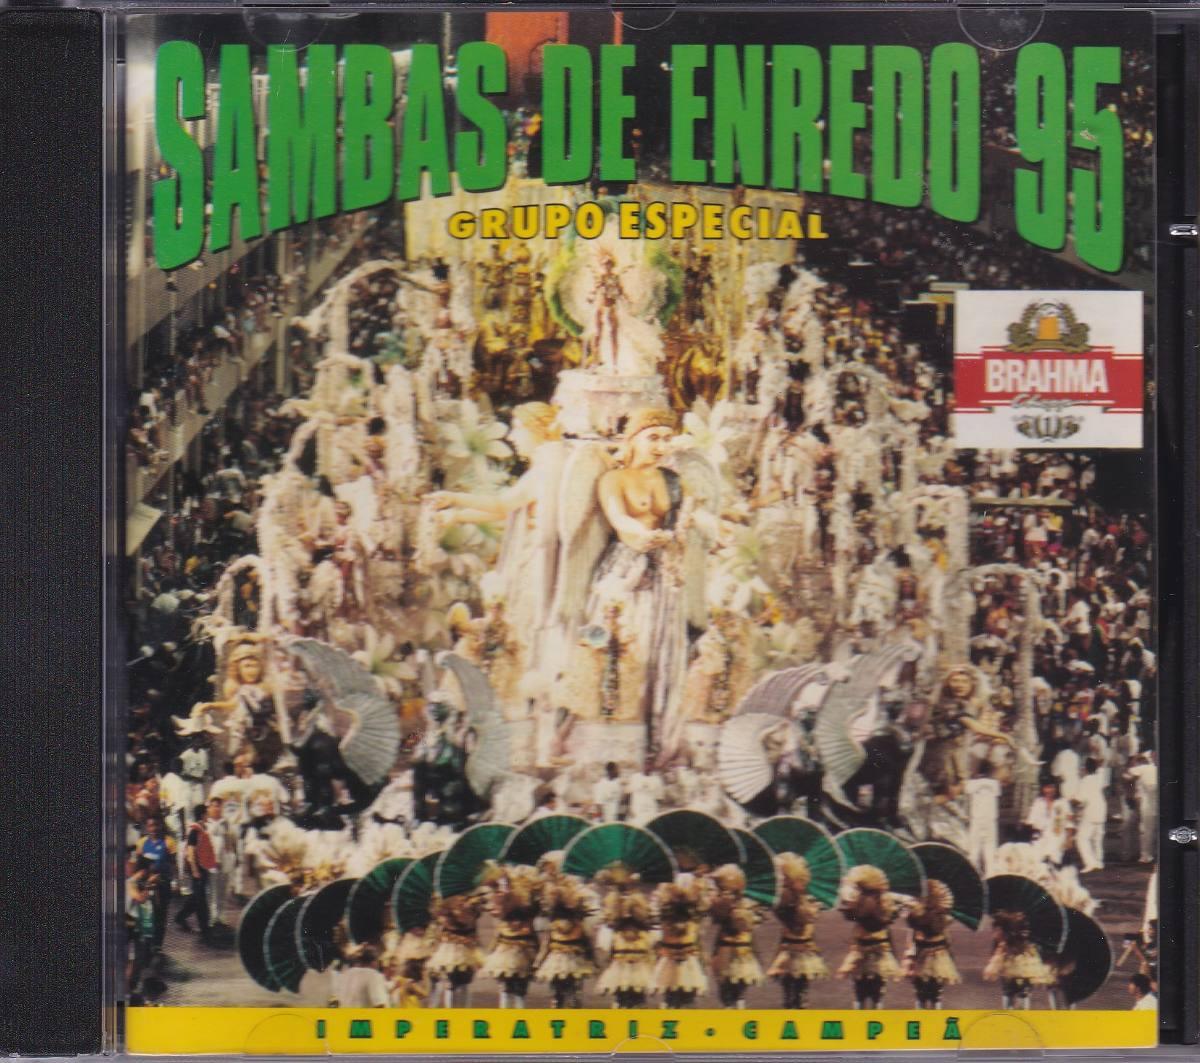 BAIXAR 2011 CD ENREDO CARNAVAL SAMBA